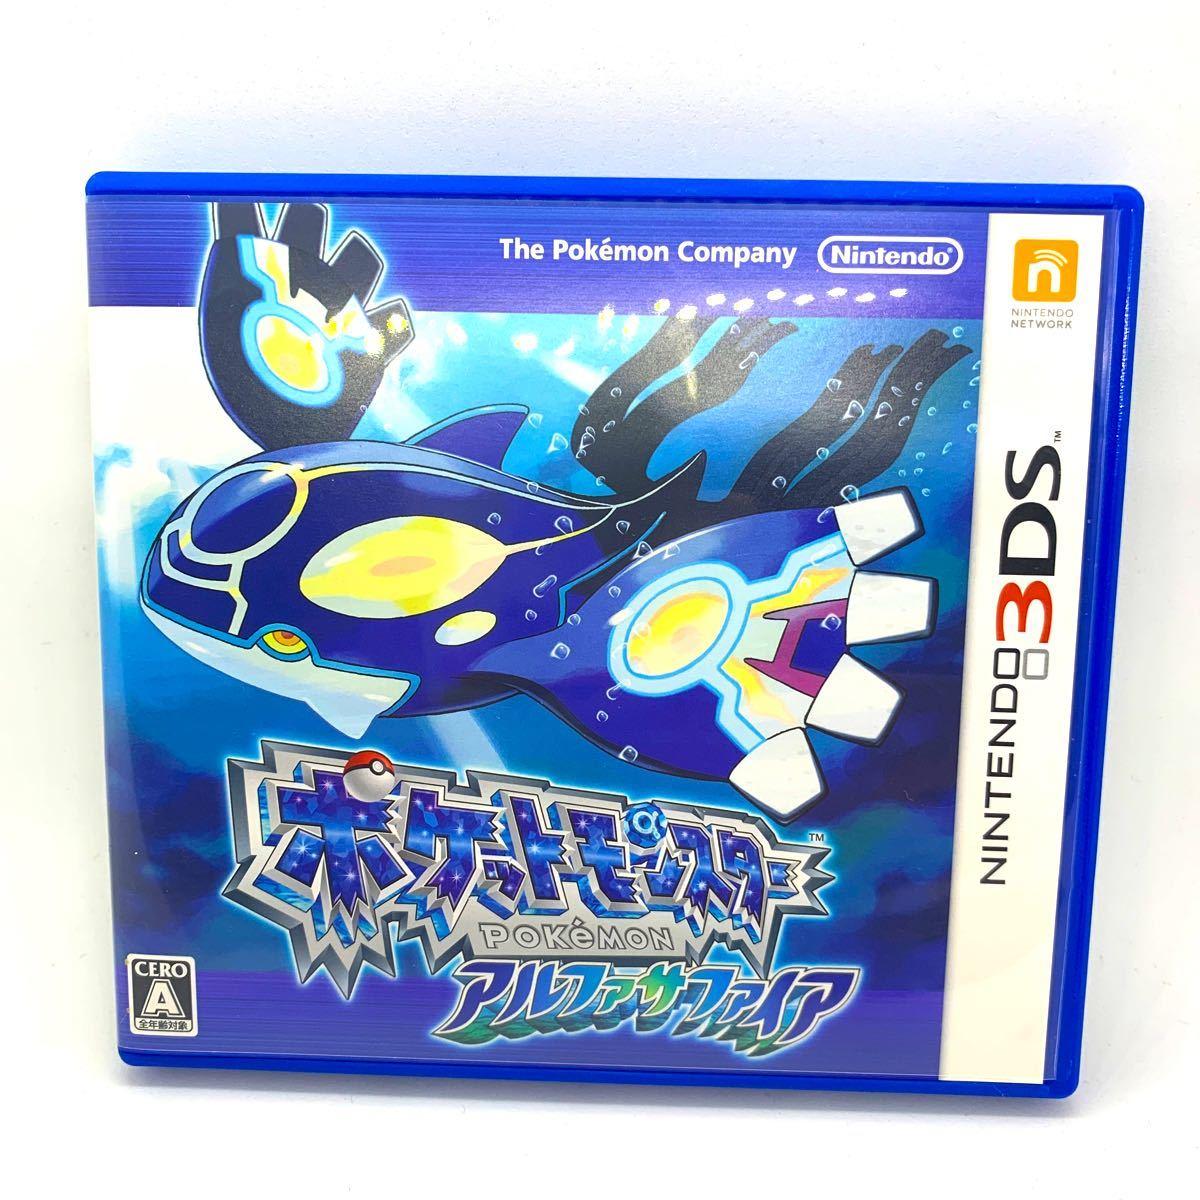 アルファサファイア ポケットモンスター 3DS ポケモン 3DSソフト ニンテンドー3DS